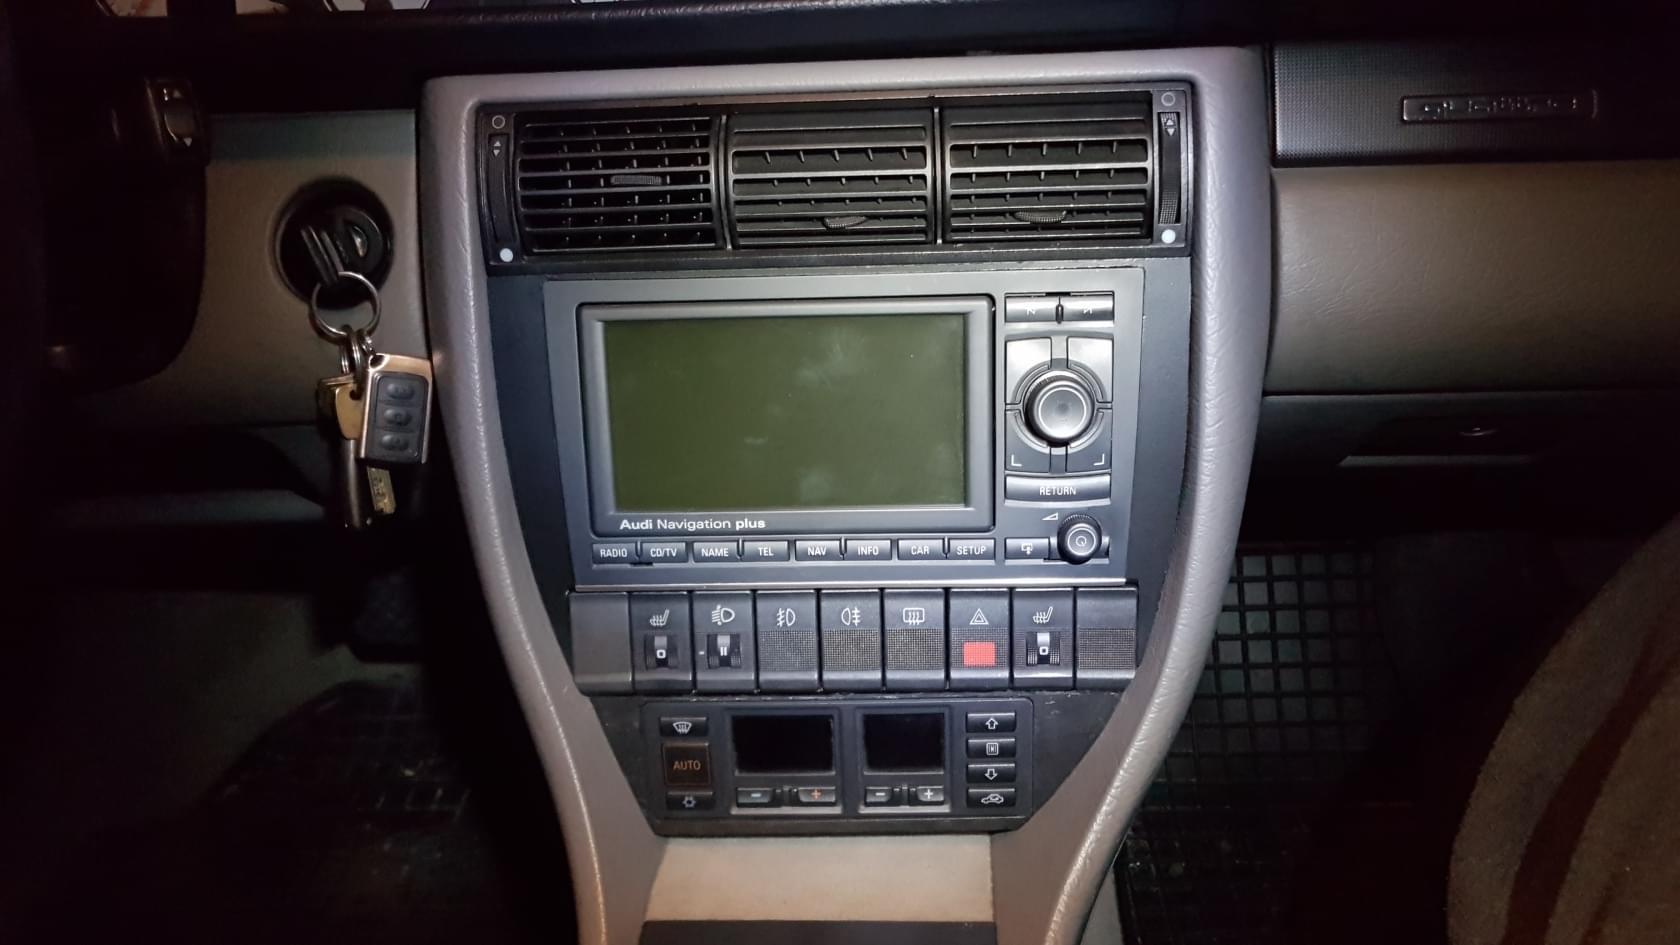 Podłącz radio xm do mojego samochodu